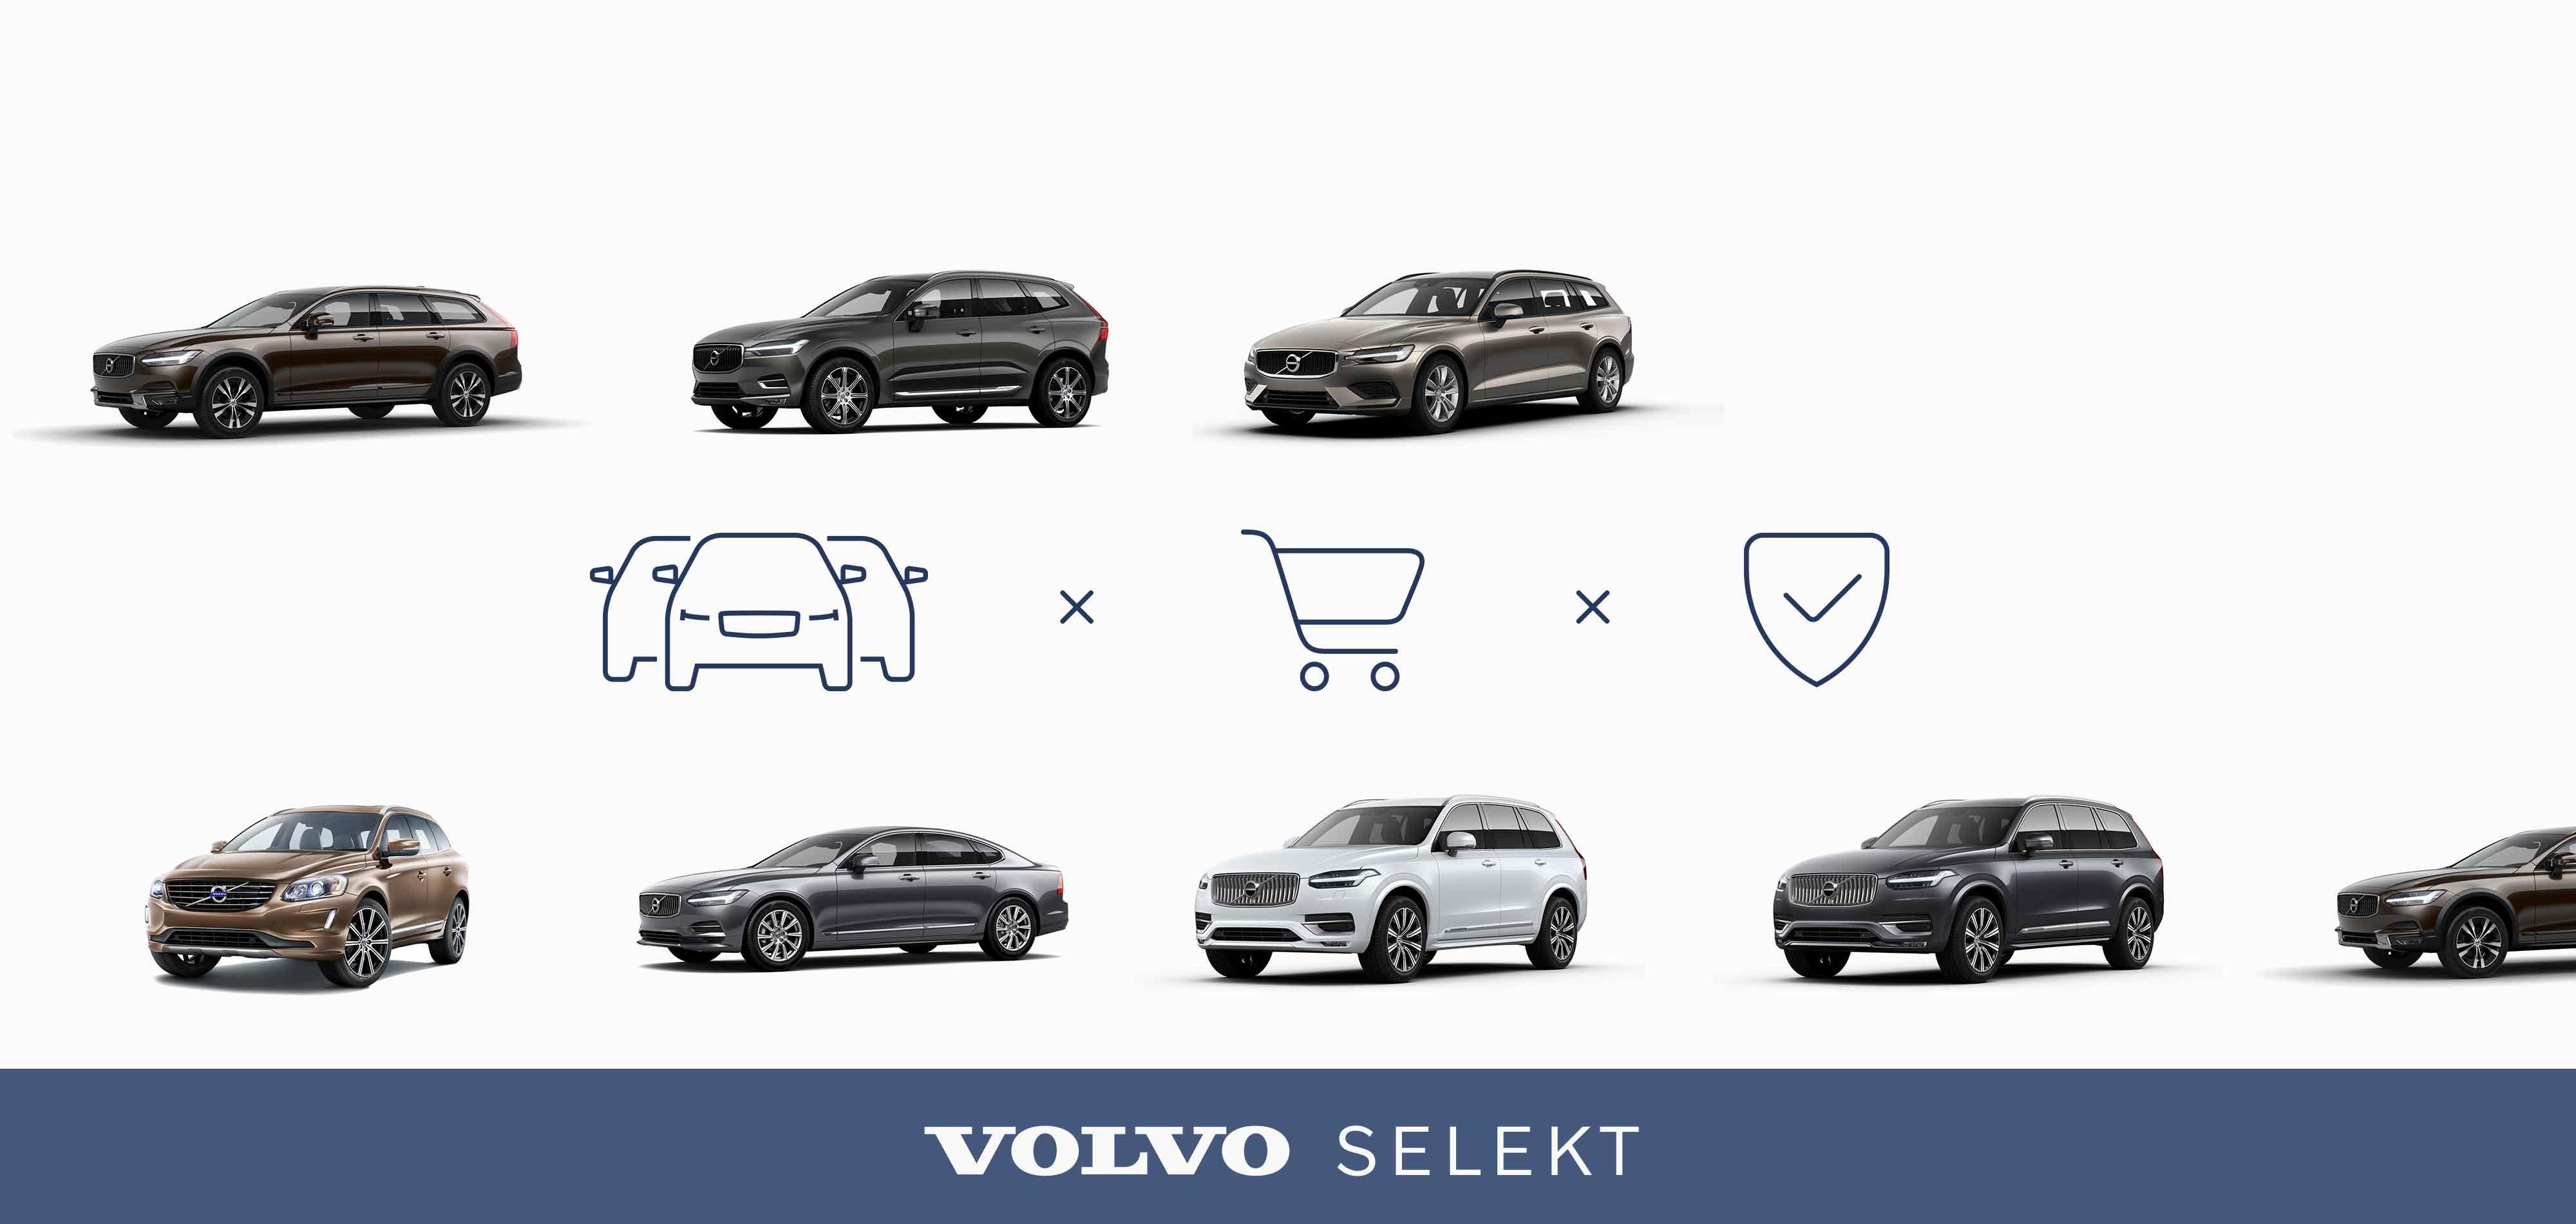 Turvaline tehing - Volvo Selekt